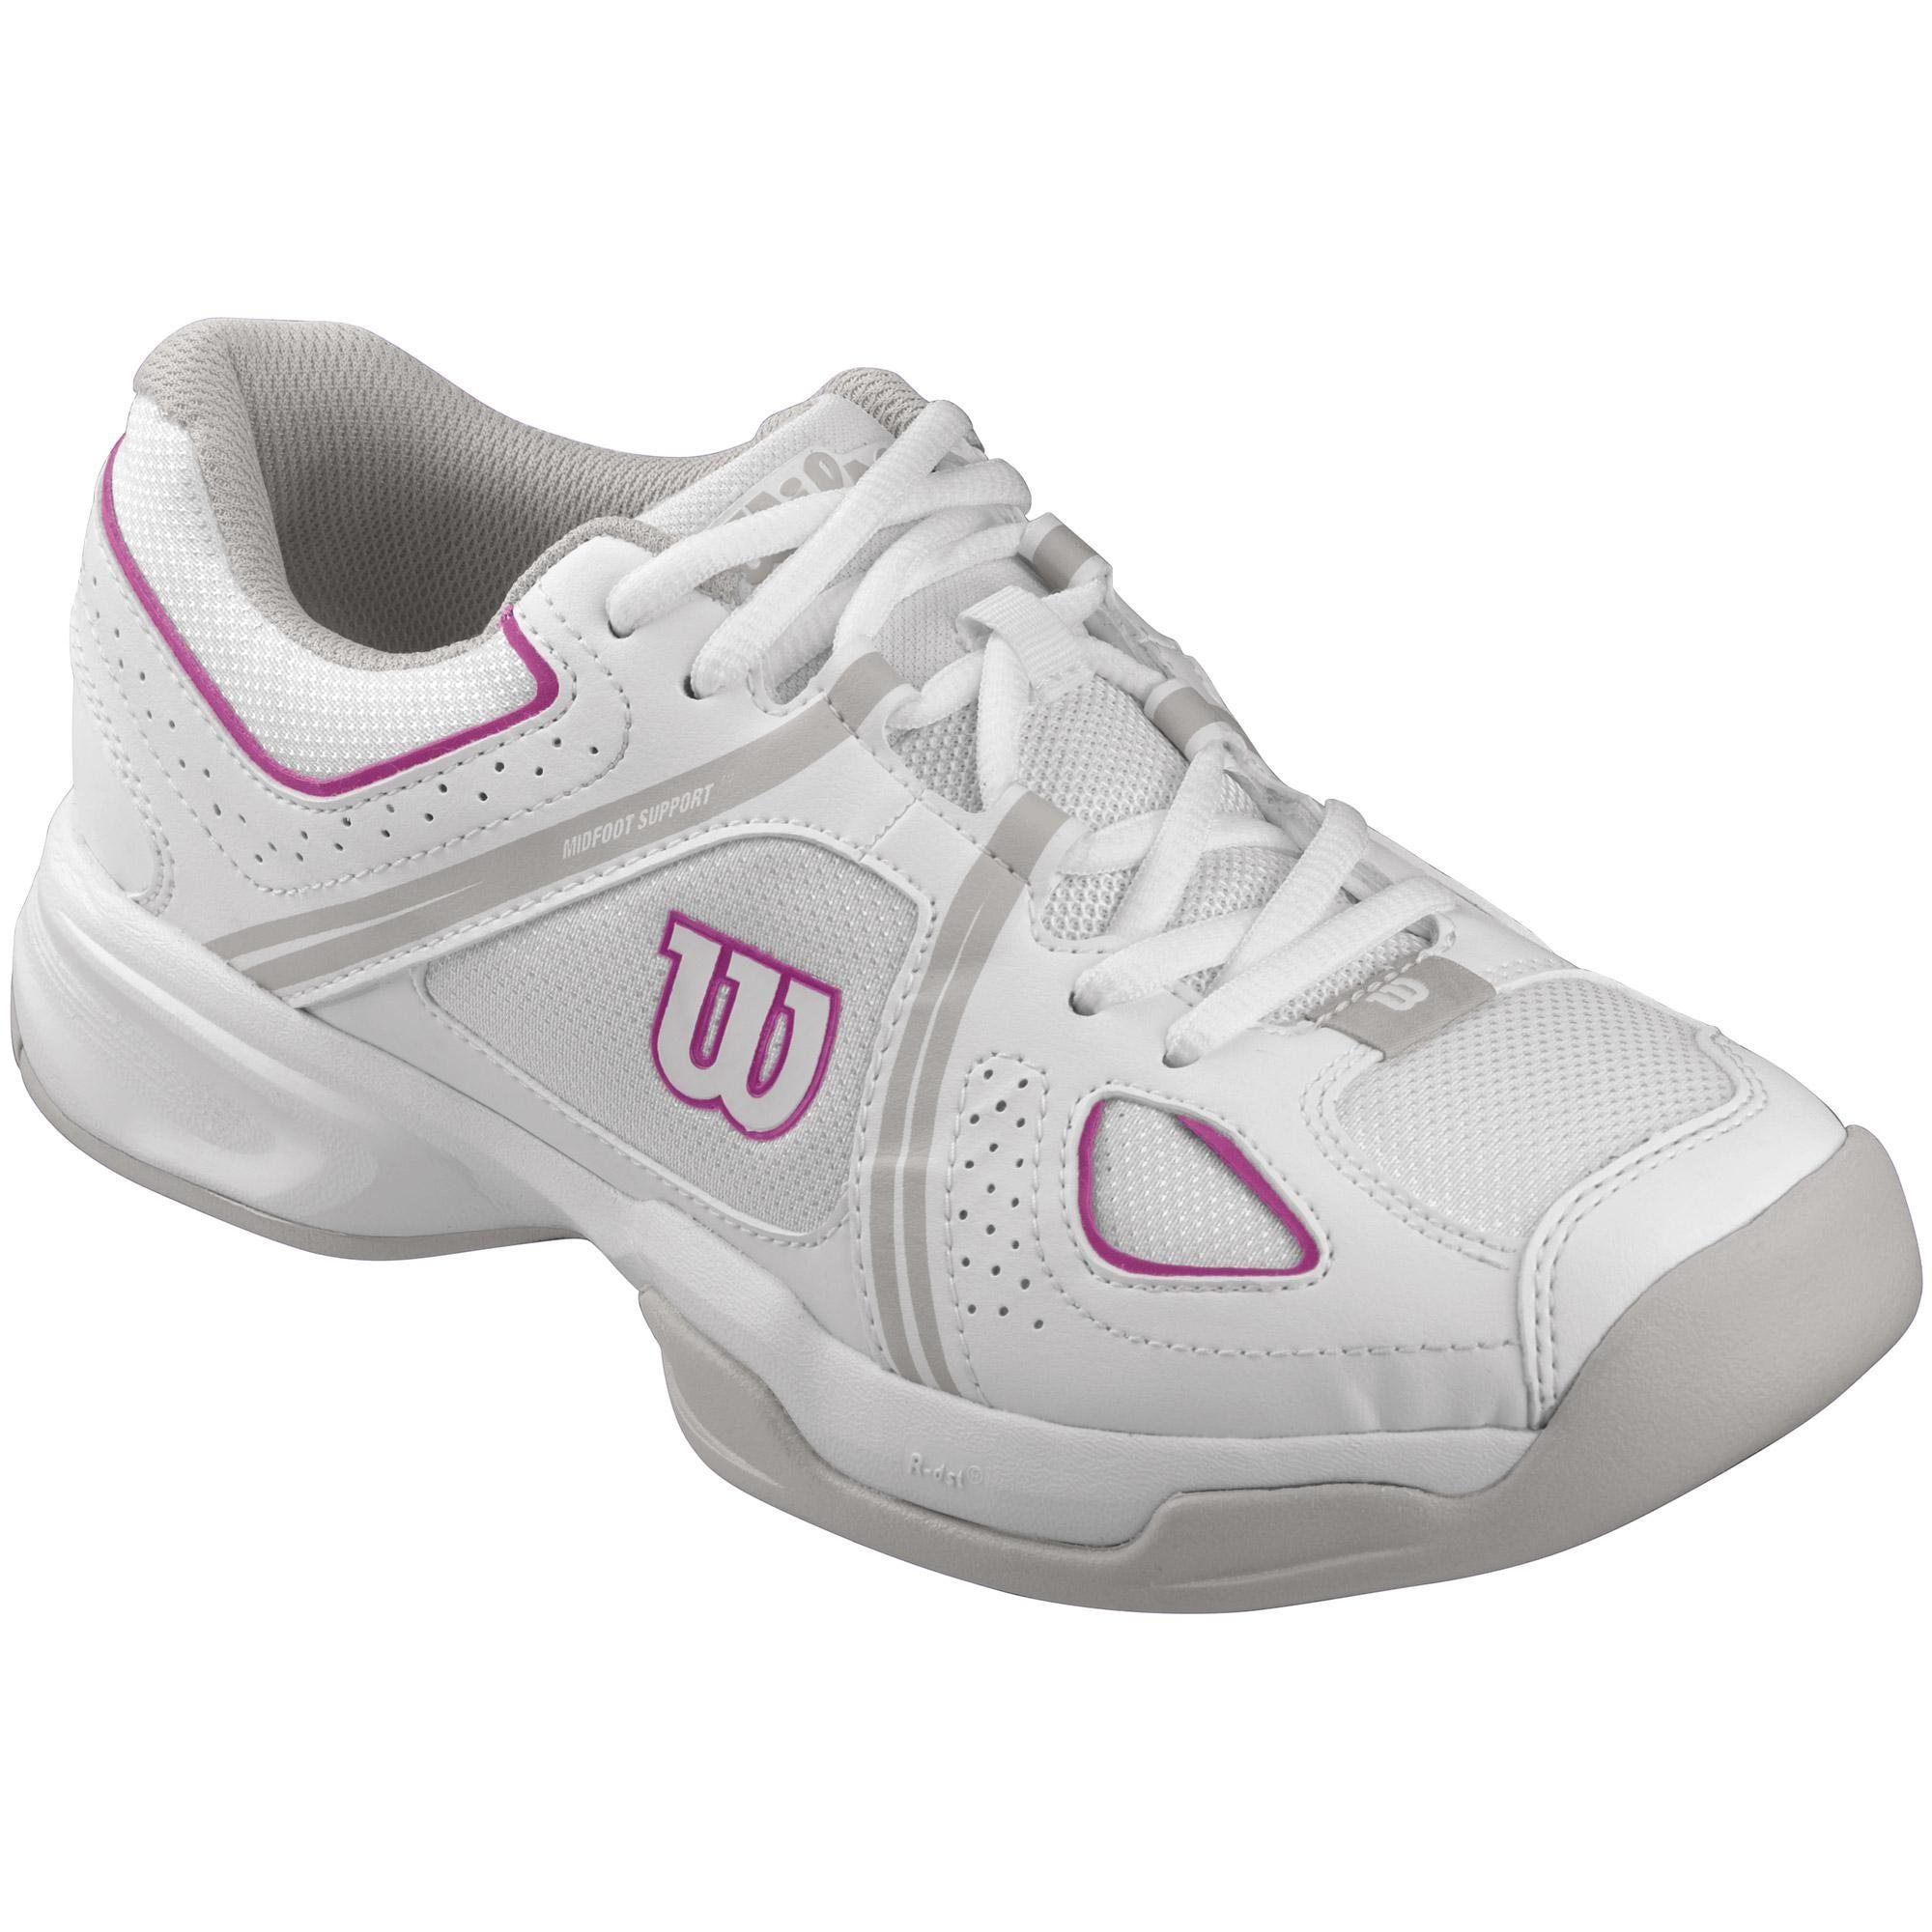 Buty tenisowe damskie Wilson NVision Envy - Wyprzedaż!